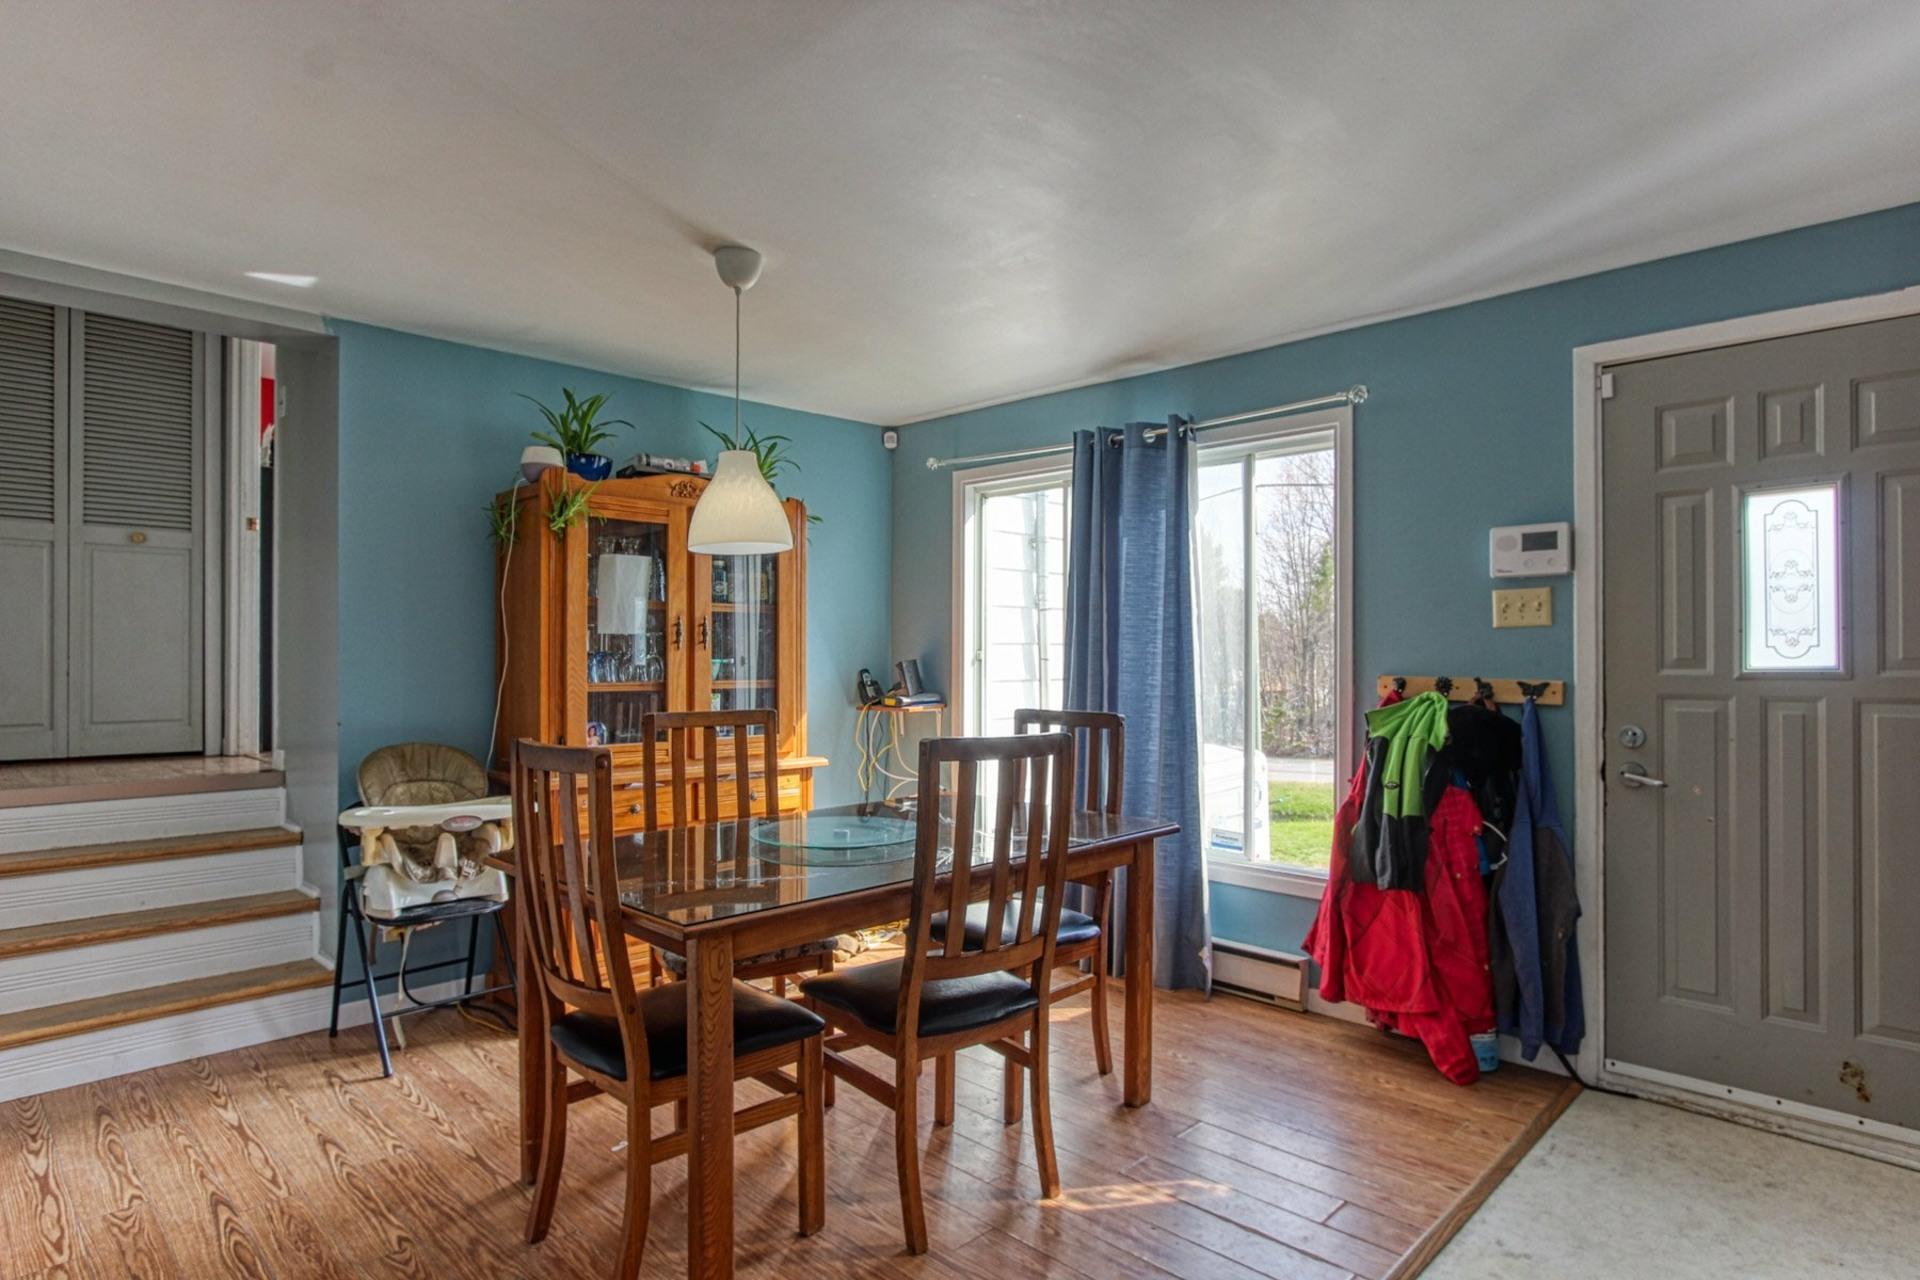 image 3 - Maison À vendre Trois-Rivières - 6 pièces